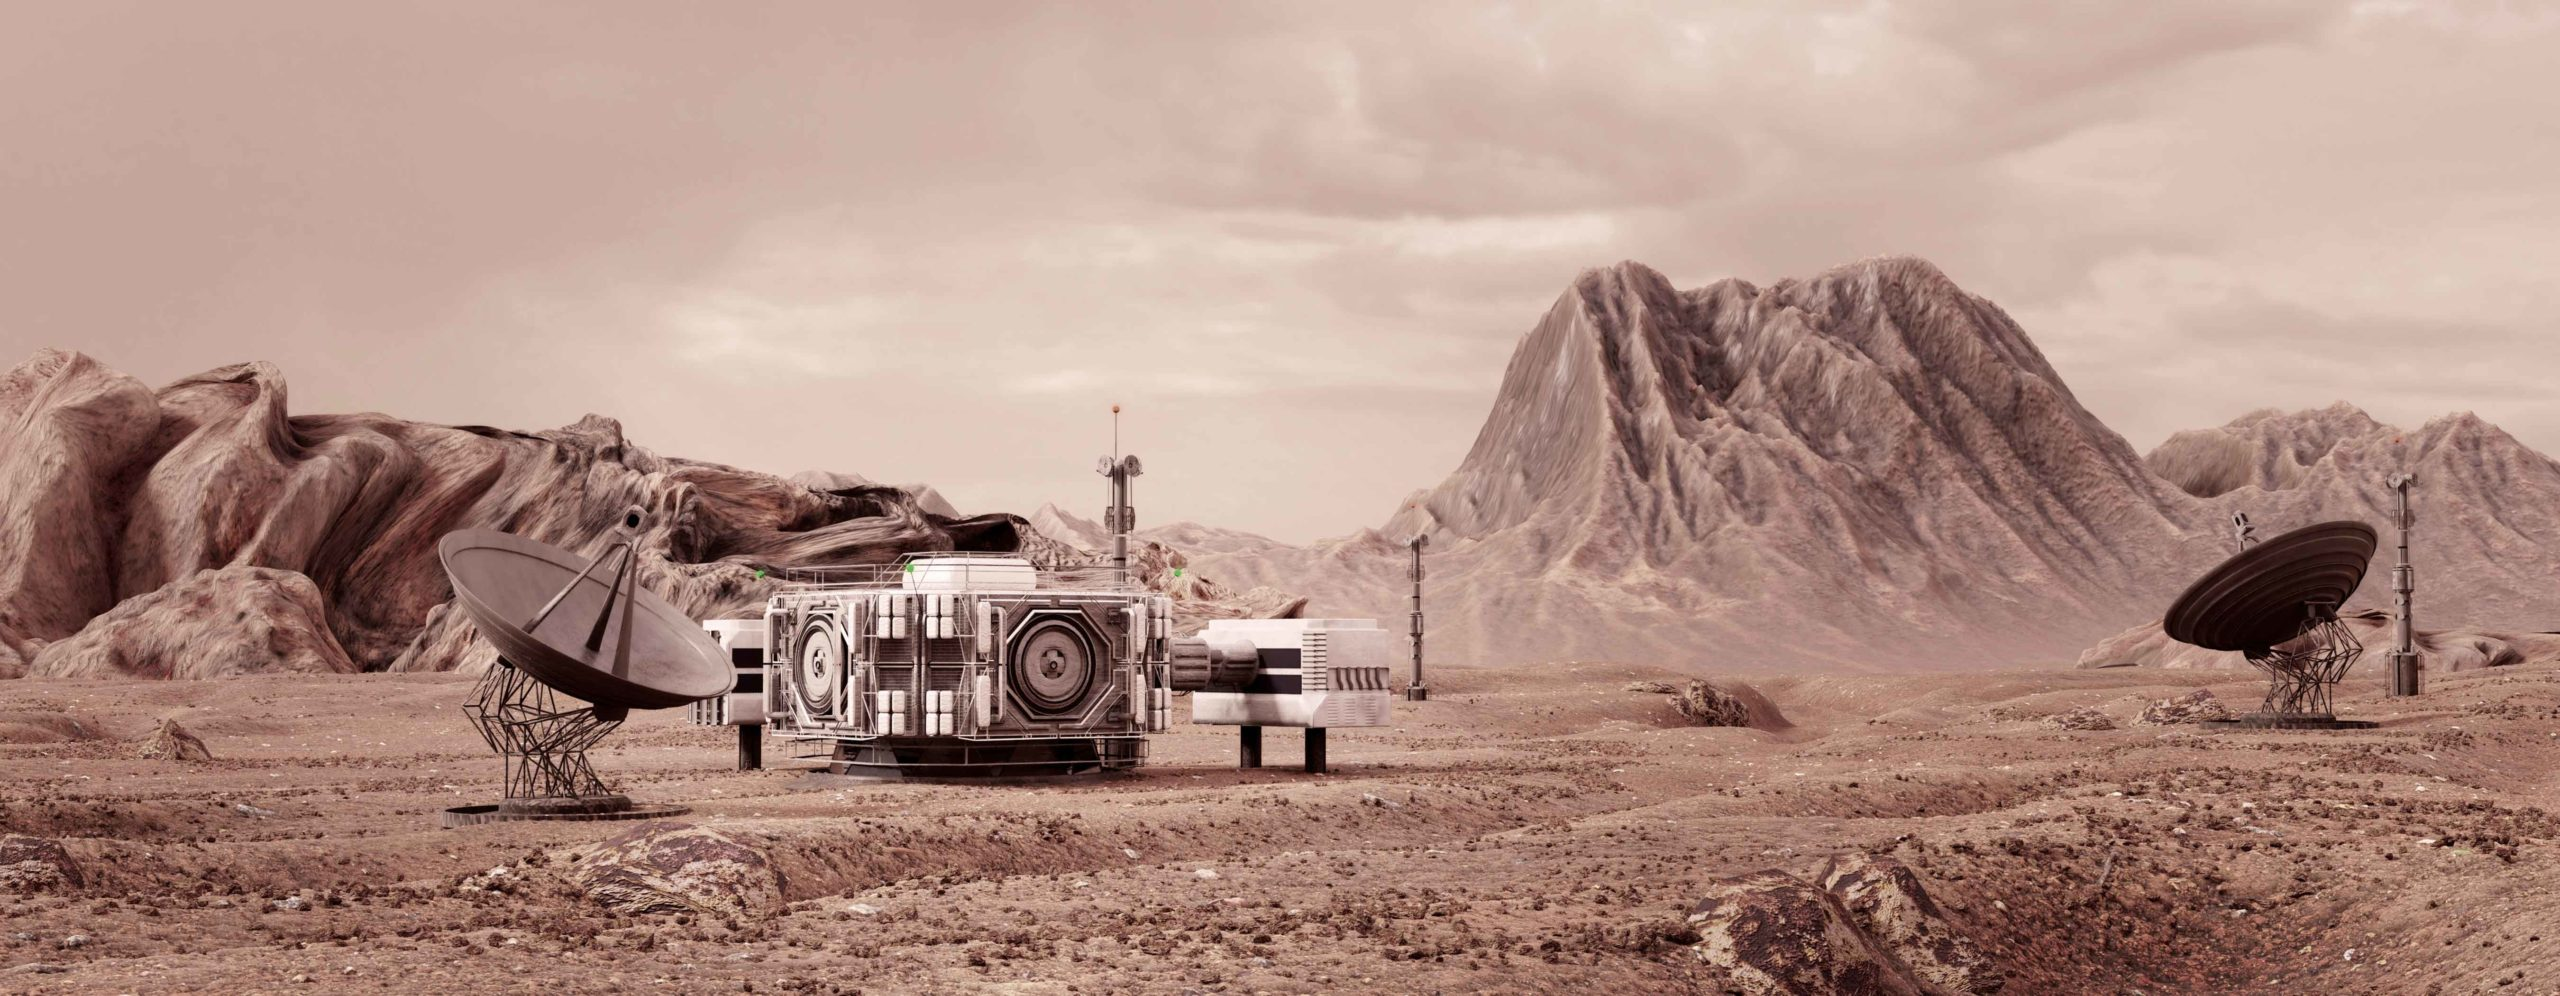 Mars Design